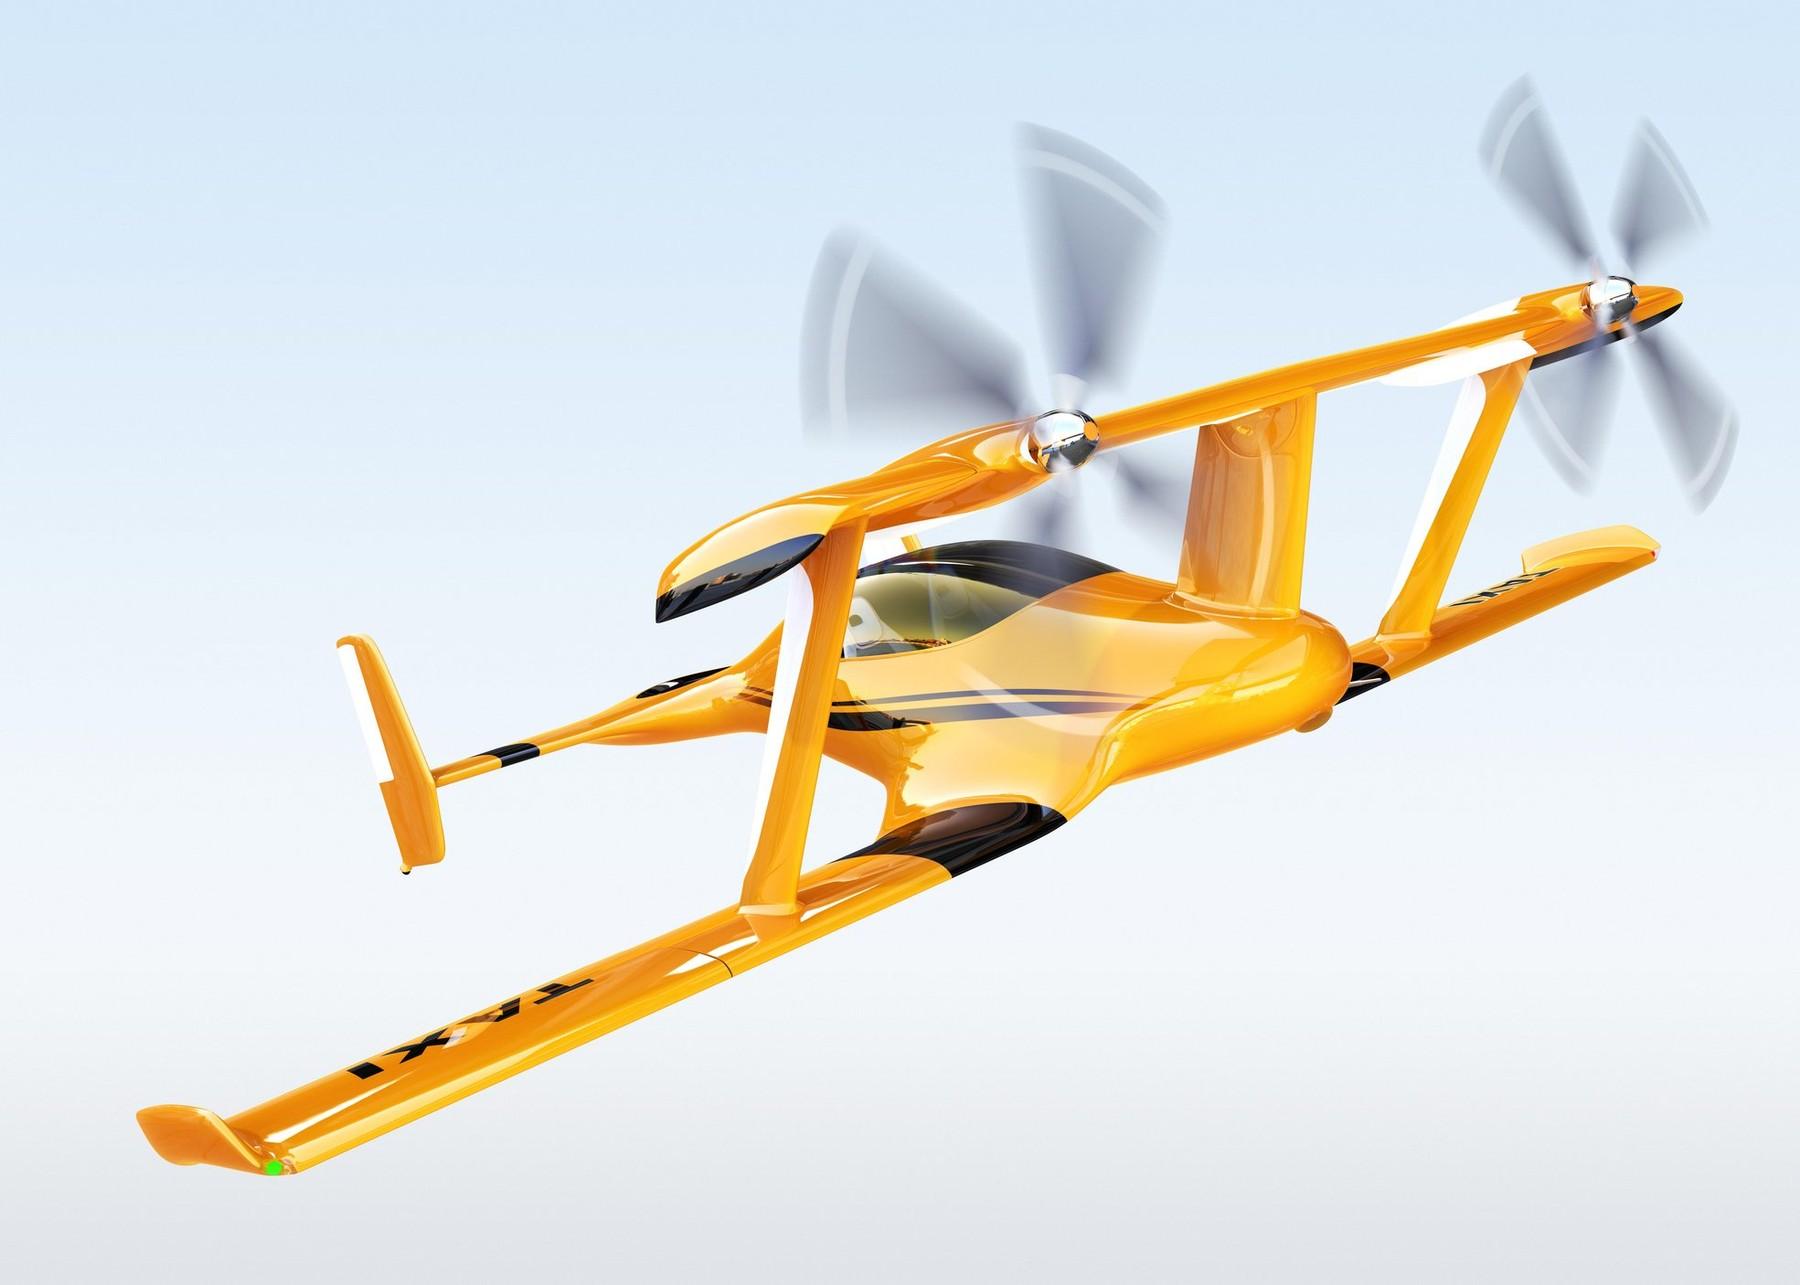 Primele taxiuri zburatoare ar putea aparea in Europa peste 3 ani